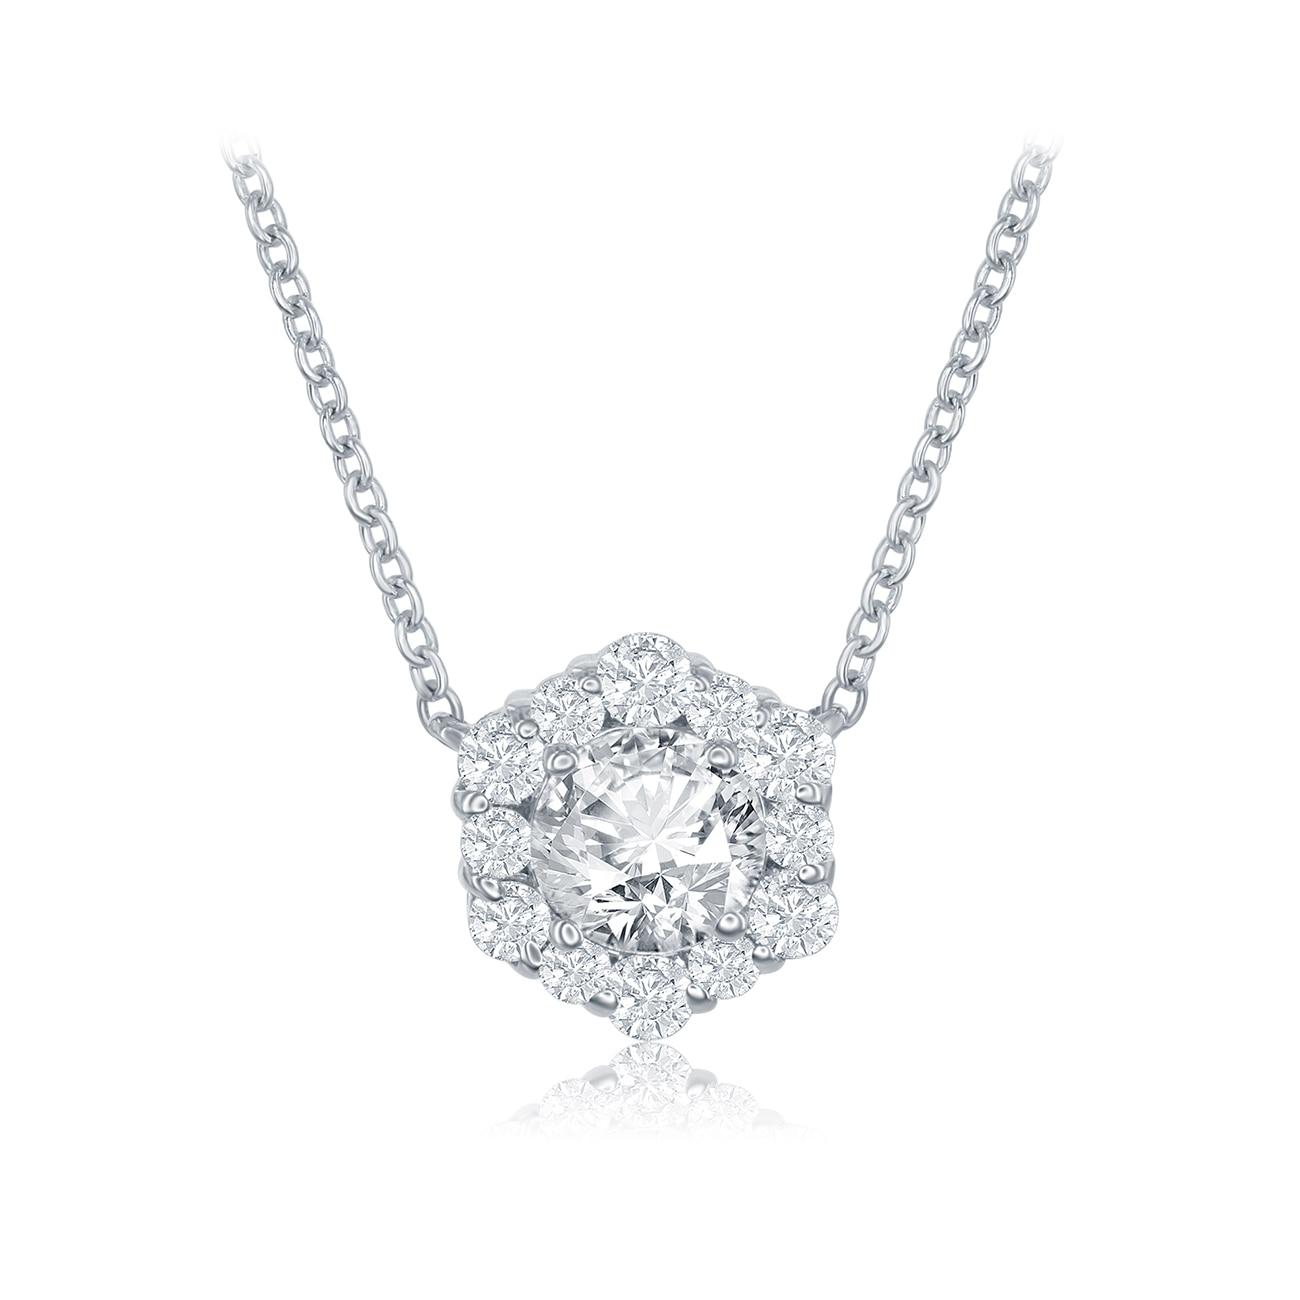 Round shape diamond necklaces forevermark integre single halo pendant aloadofball Choice Image